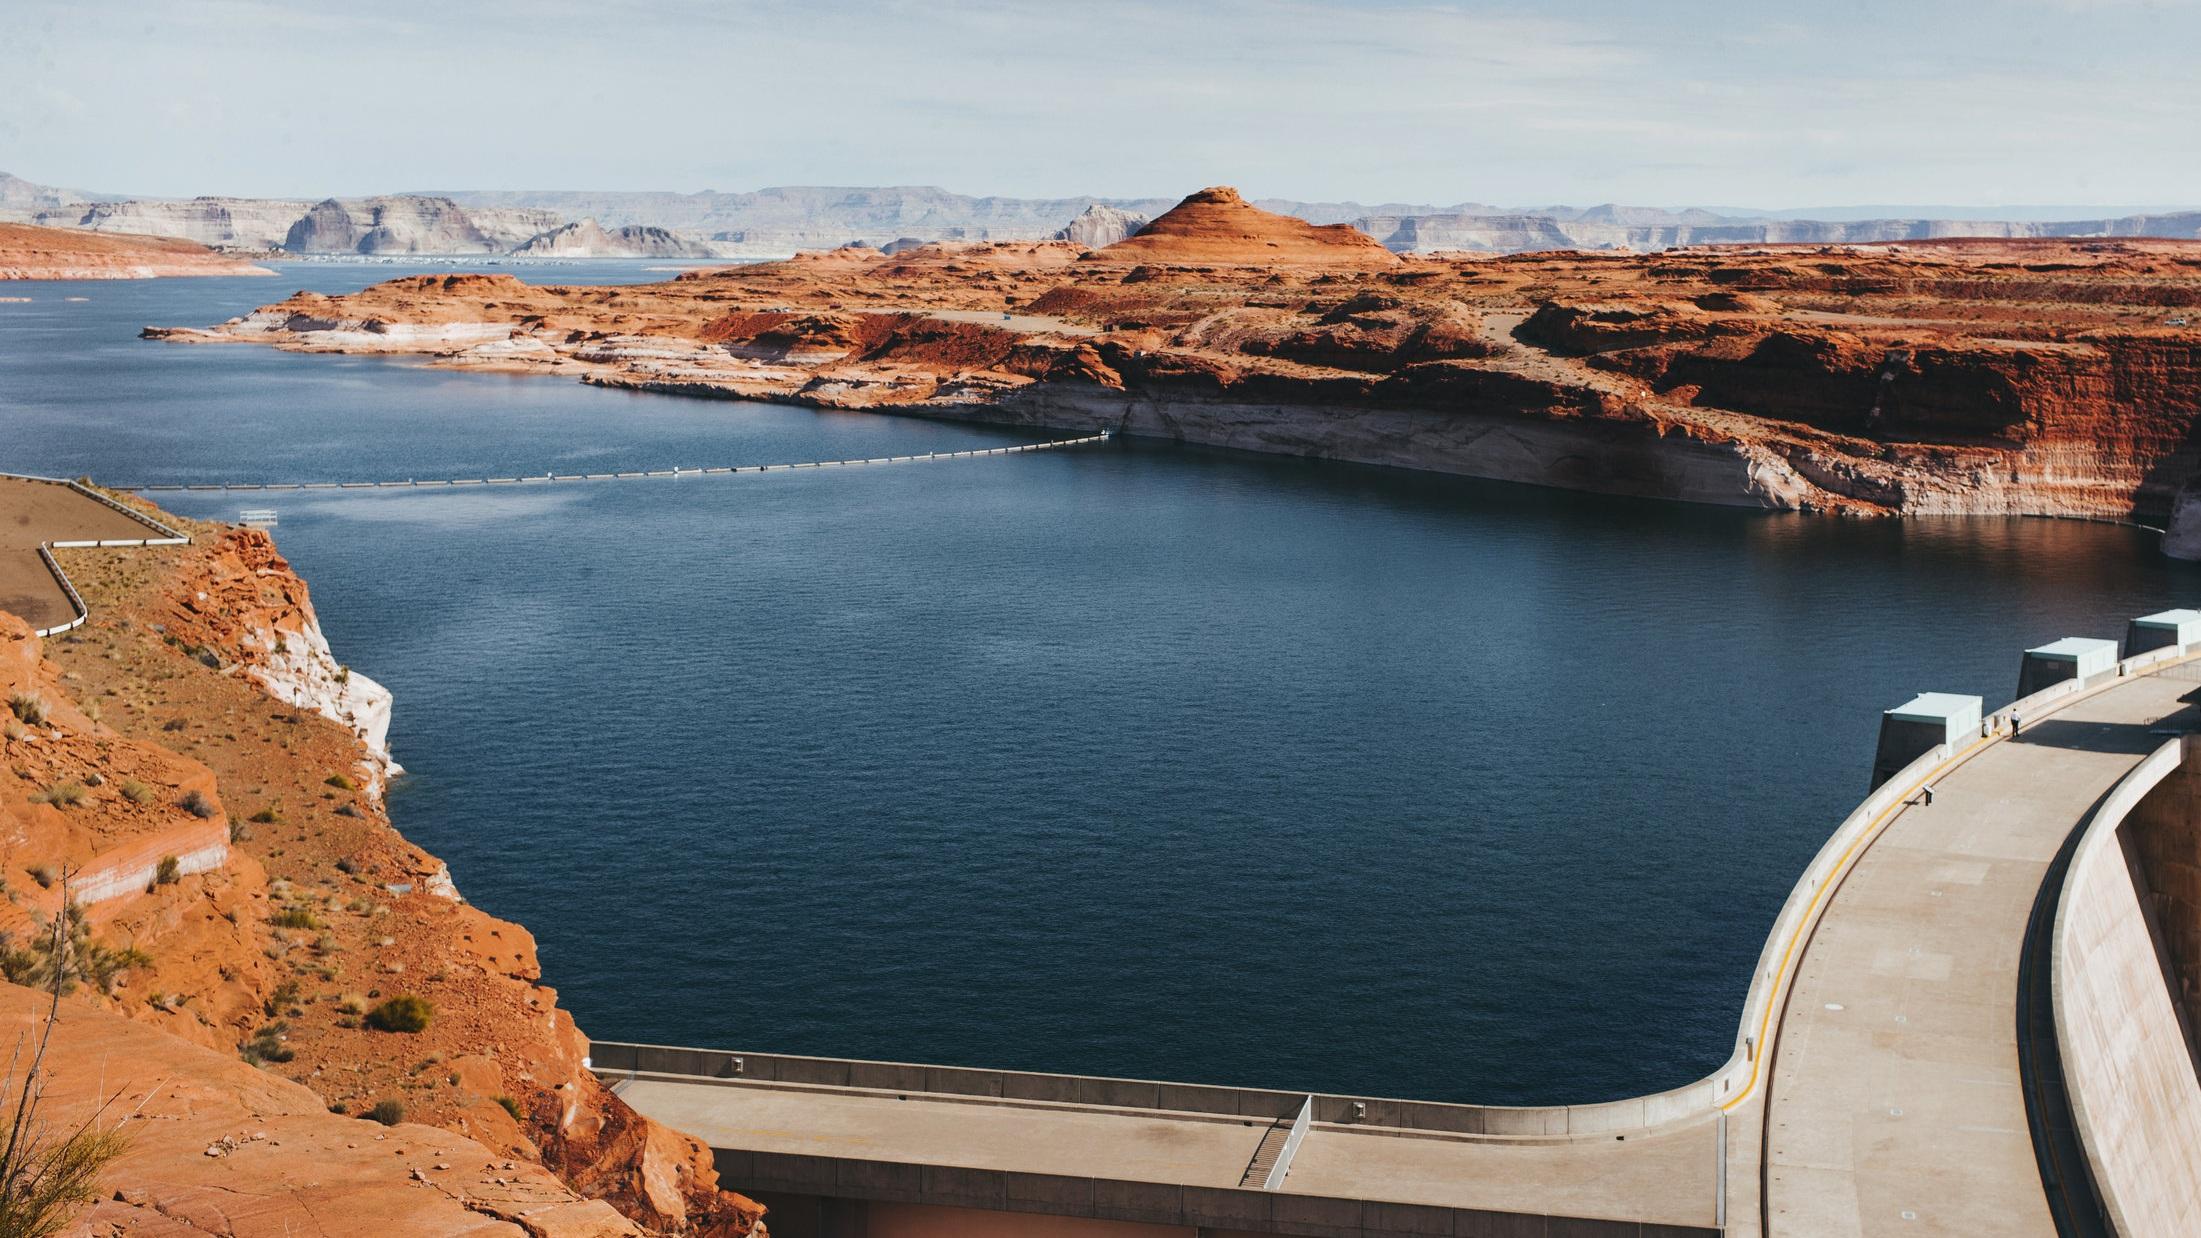 """Hoover dam - En halvdagsutflykt till den största dammen som byggts av människan. Dessutom en chans att se Lake Mead och stopp för fotografering vid skylten """"Välkommen till Las Vegas"""". Det är dock dammen som ör den stora attraktionen och vyerna där är helt otroliga."""